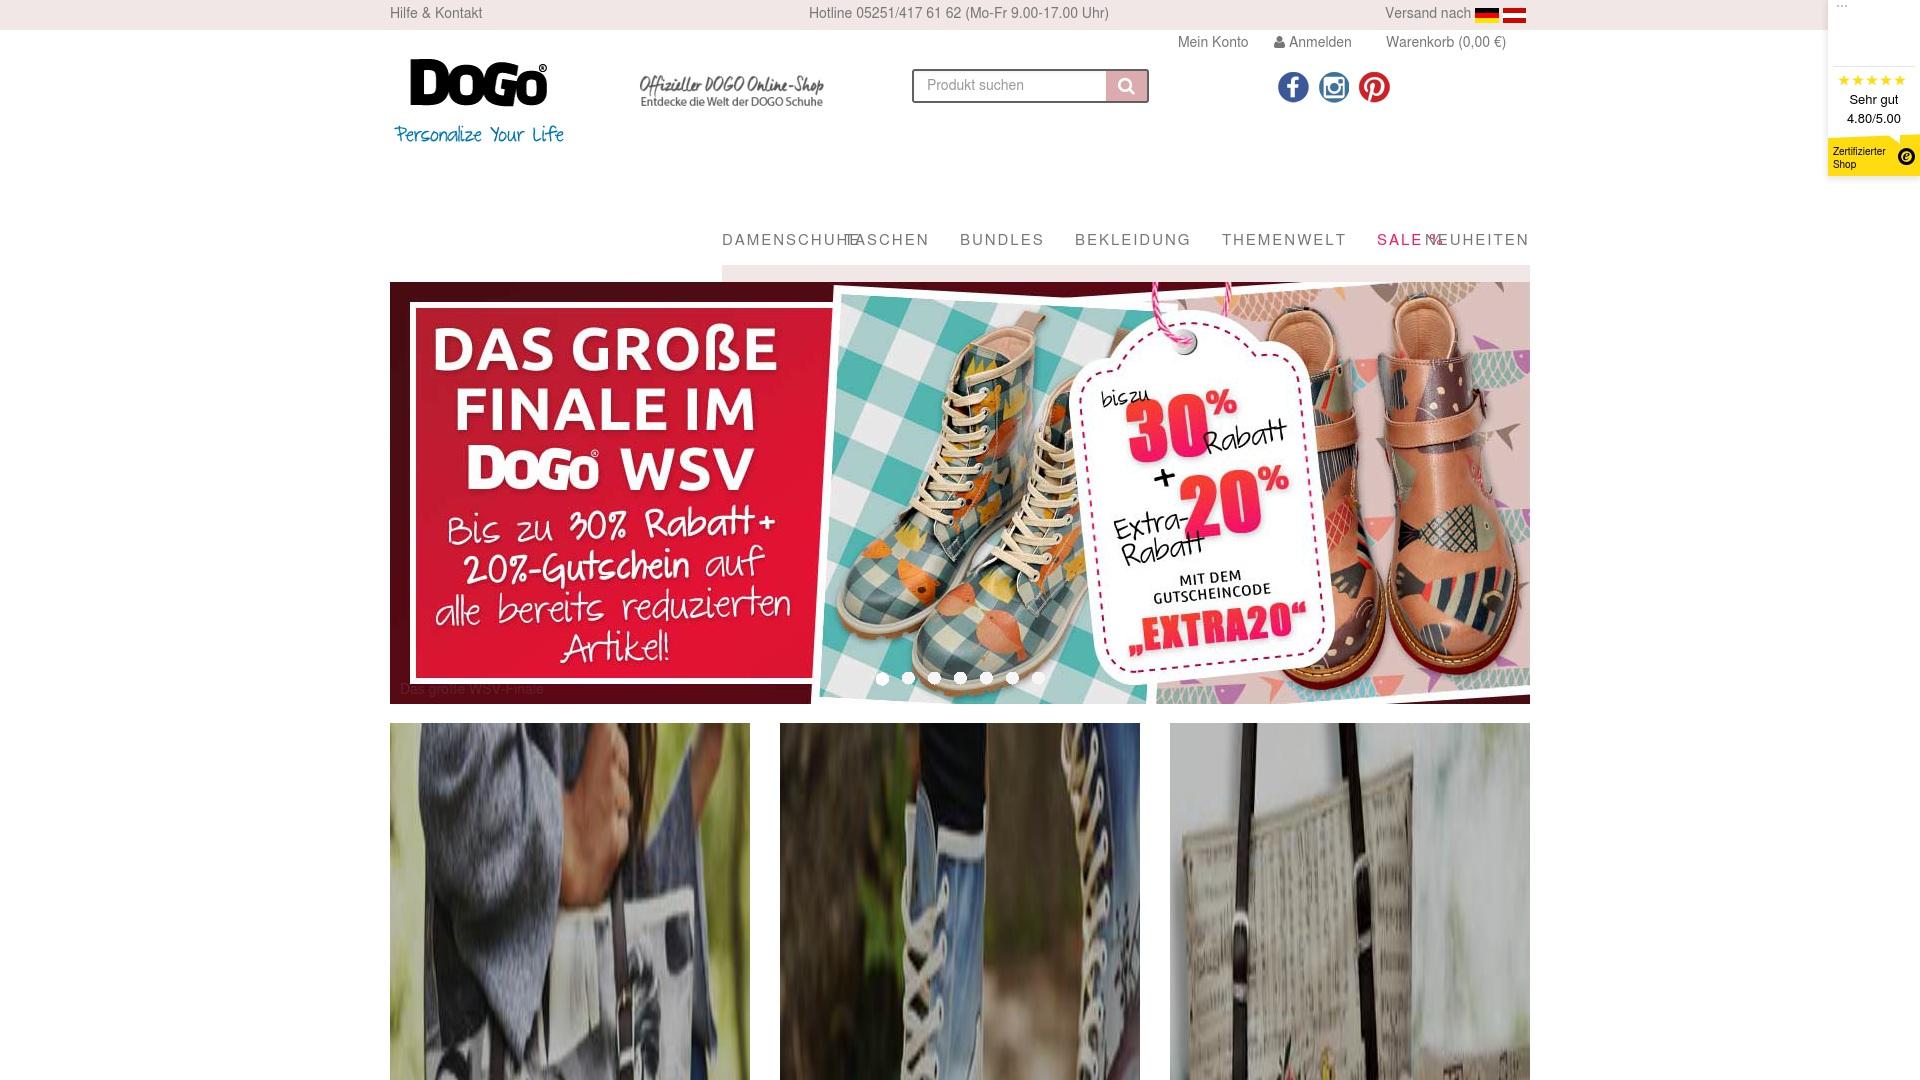 Geld zurück bei Dogo-shoes: Jetzt im Oktober 2021 Cashback für Dogo-shoes sichern